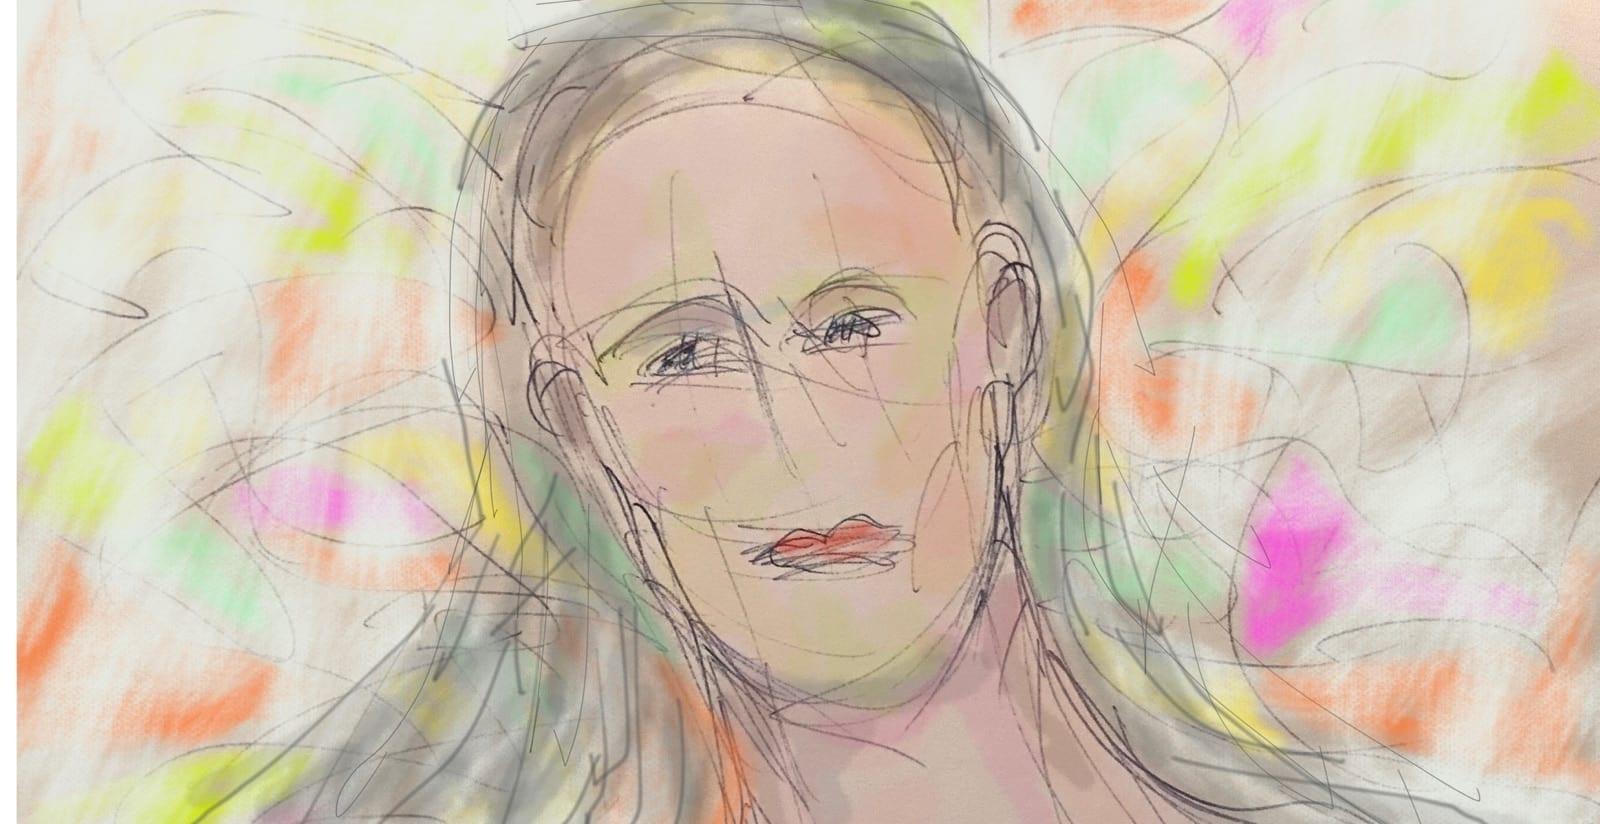 donna in preda alla passione con uno sguardo sgranato